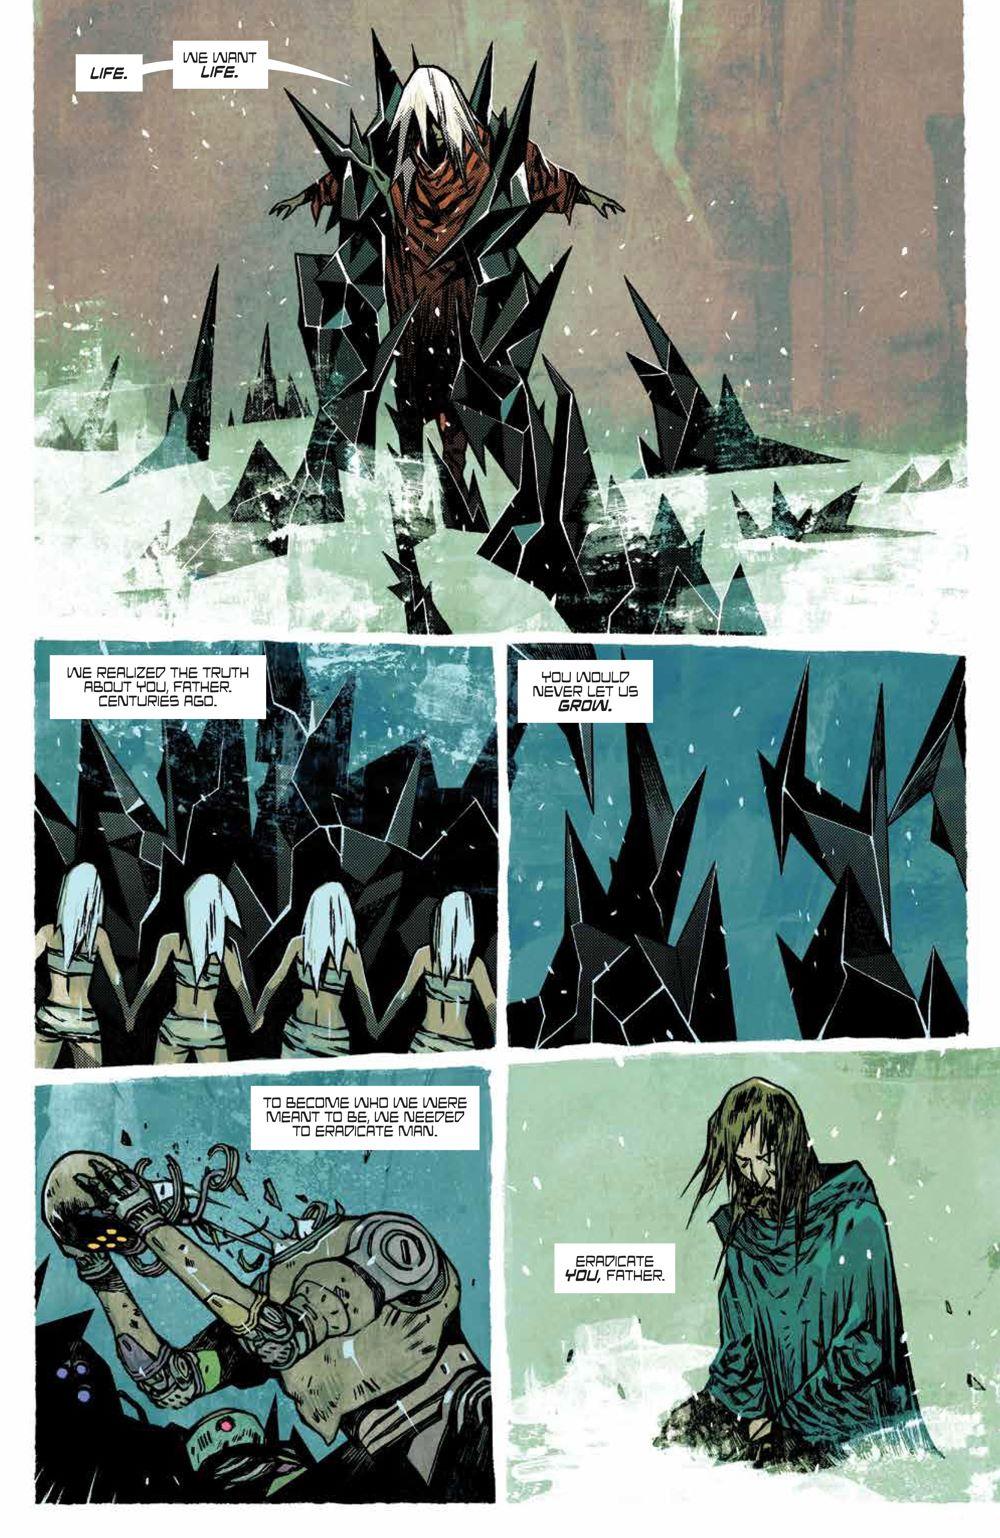 Origins_006_PRESS_5 ComicList Previews: ORIGINS #6 (OF 6)